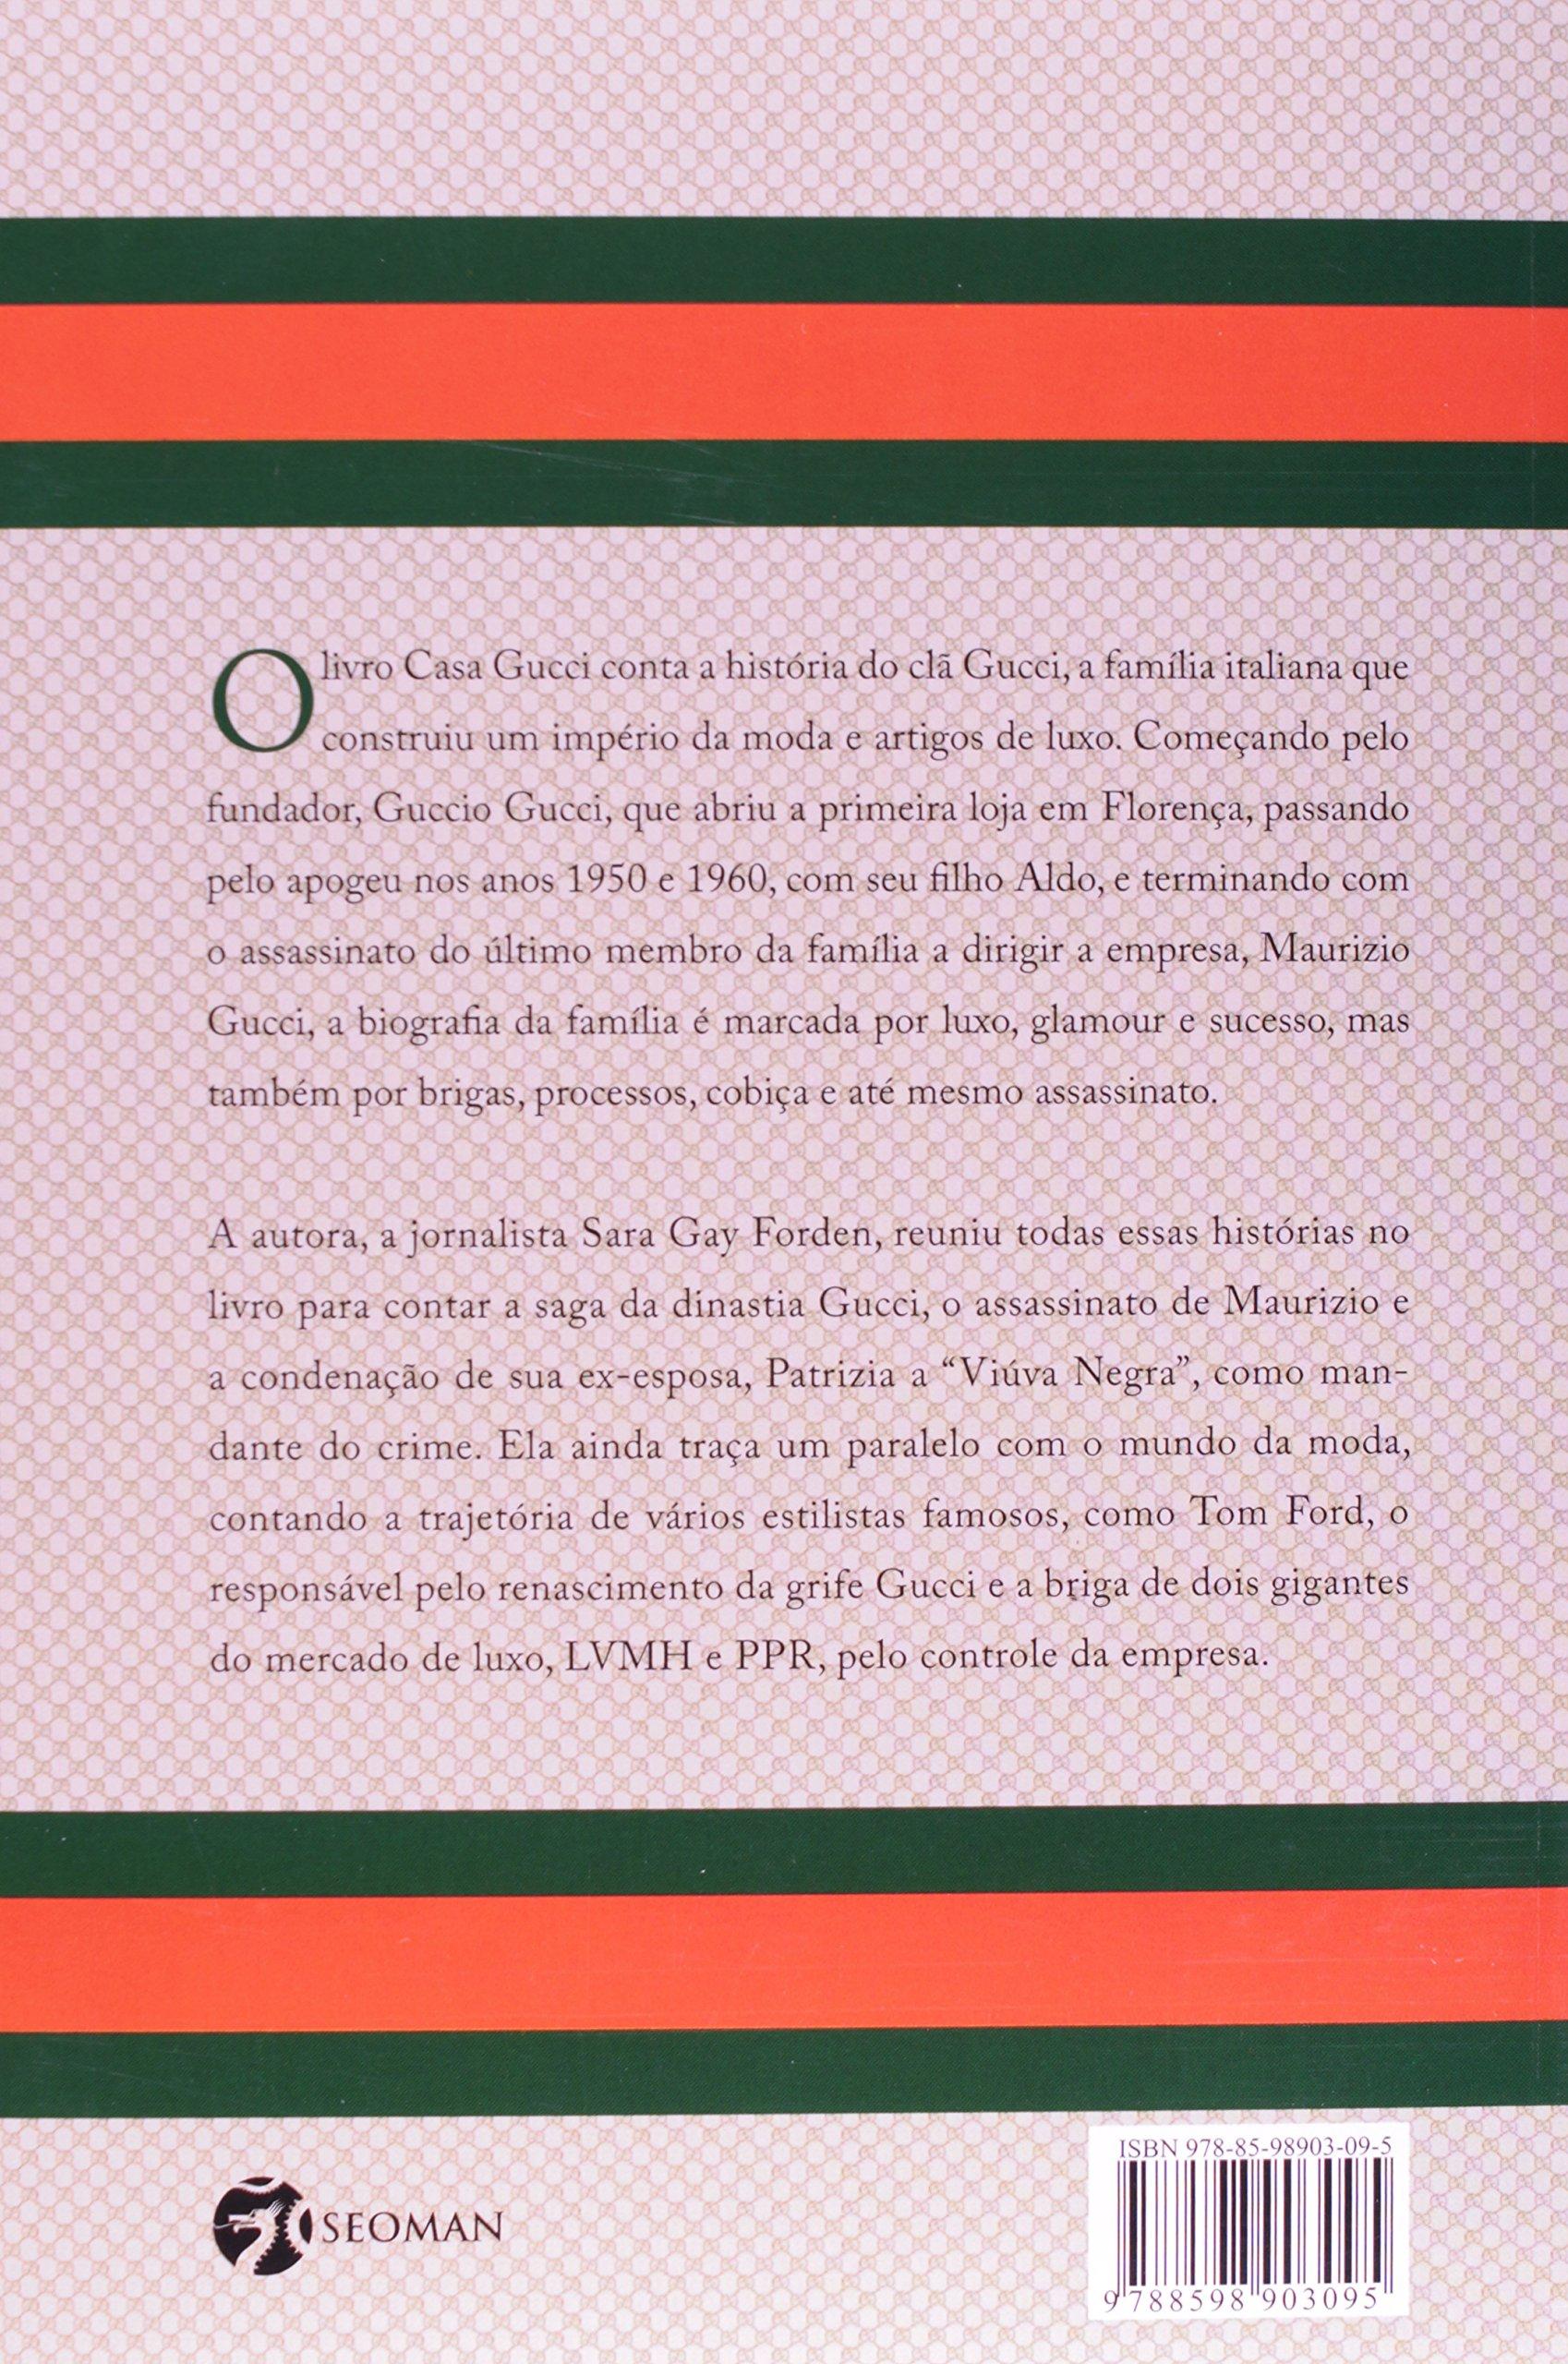 2180241ed Casa Gucci: Uma História de Glamour, Cobiça, Loucura e Morte -  9788598903095 - Livros na Amazon Brasil